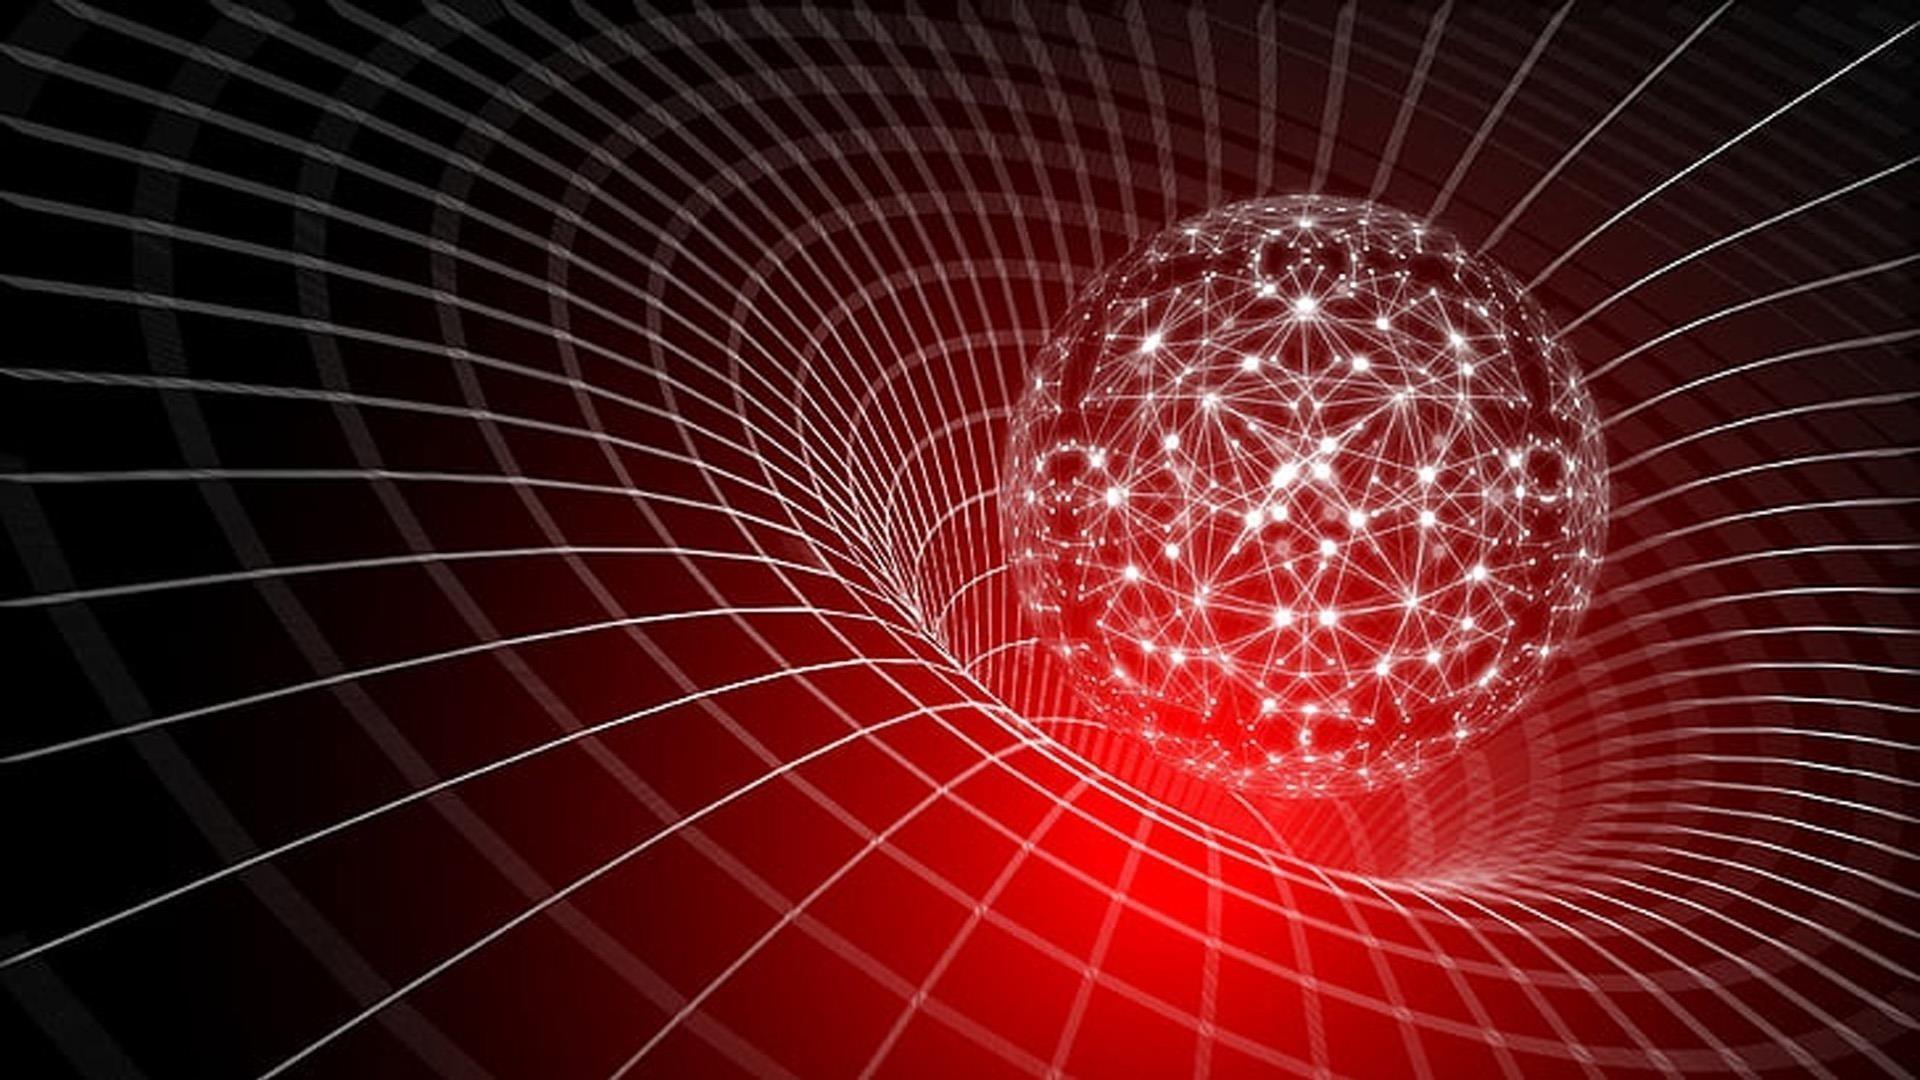 Красный свет белая линия круга абстракция абстракция обои скачать